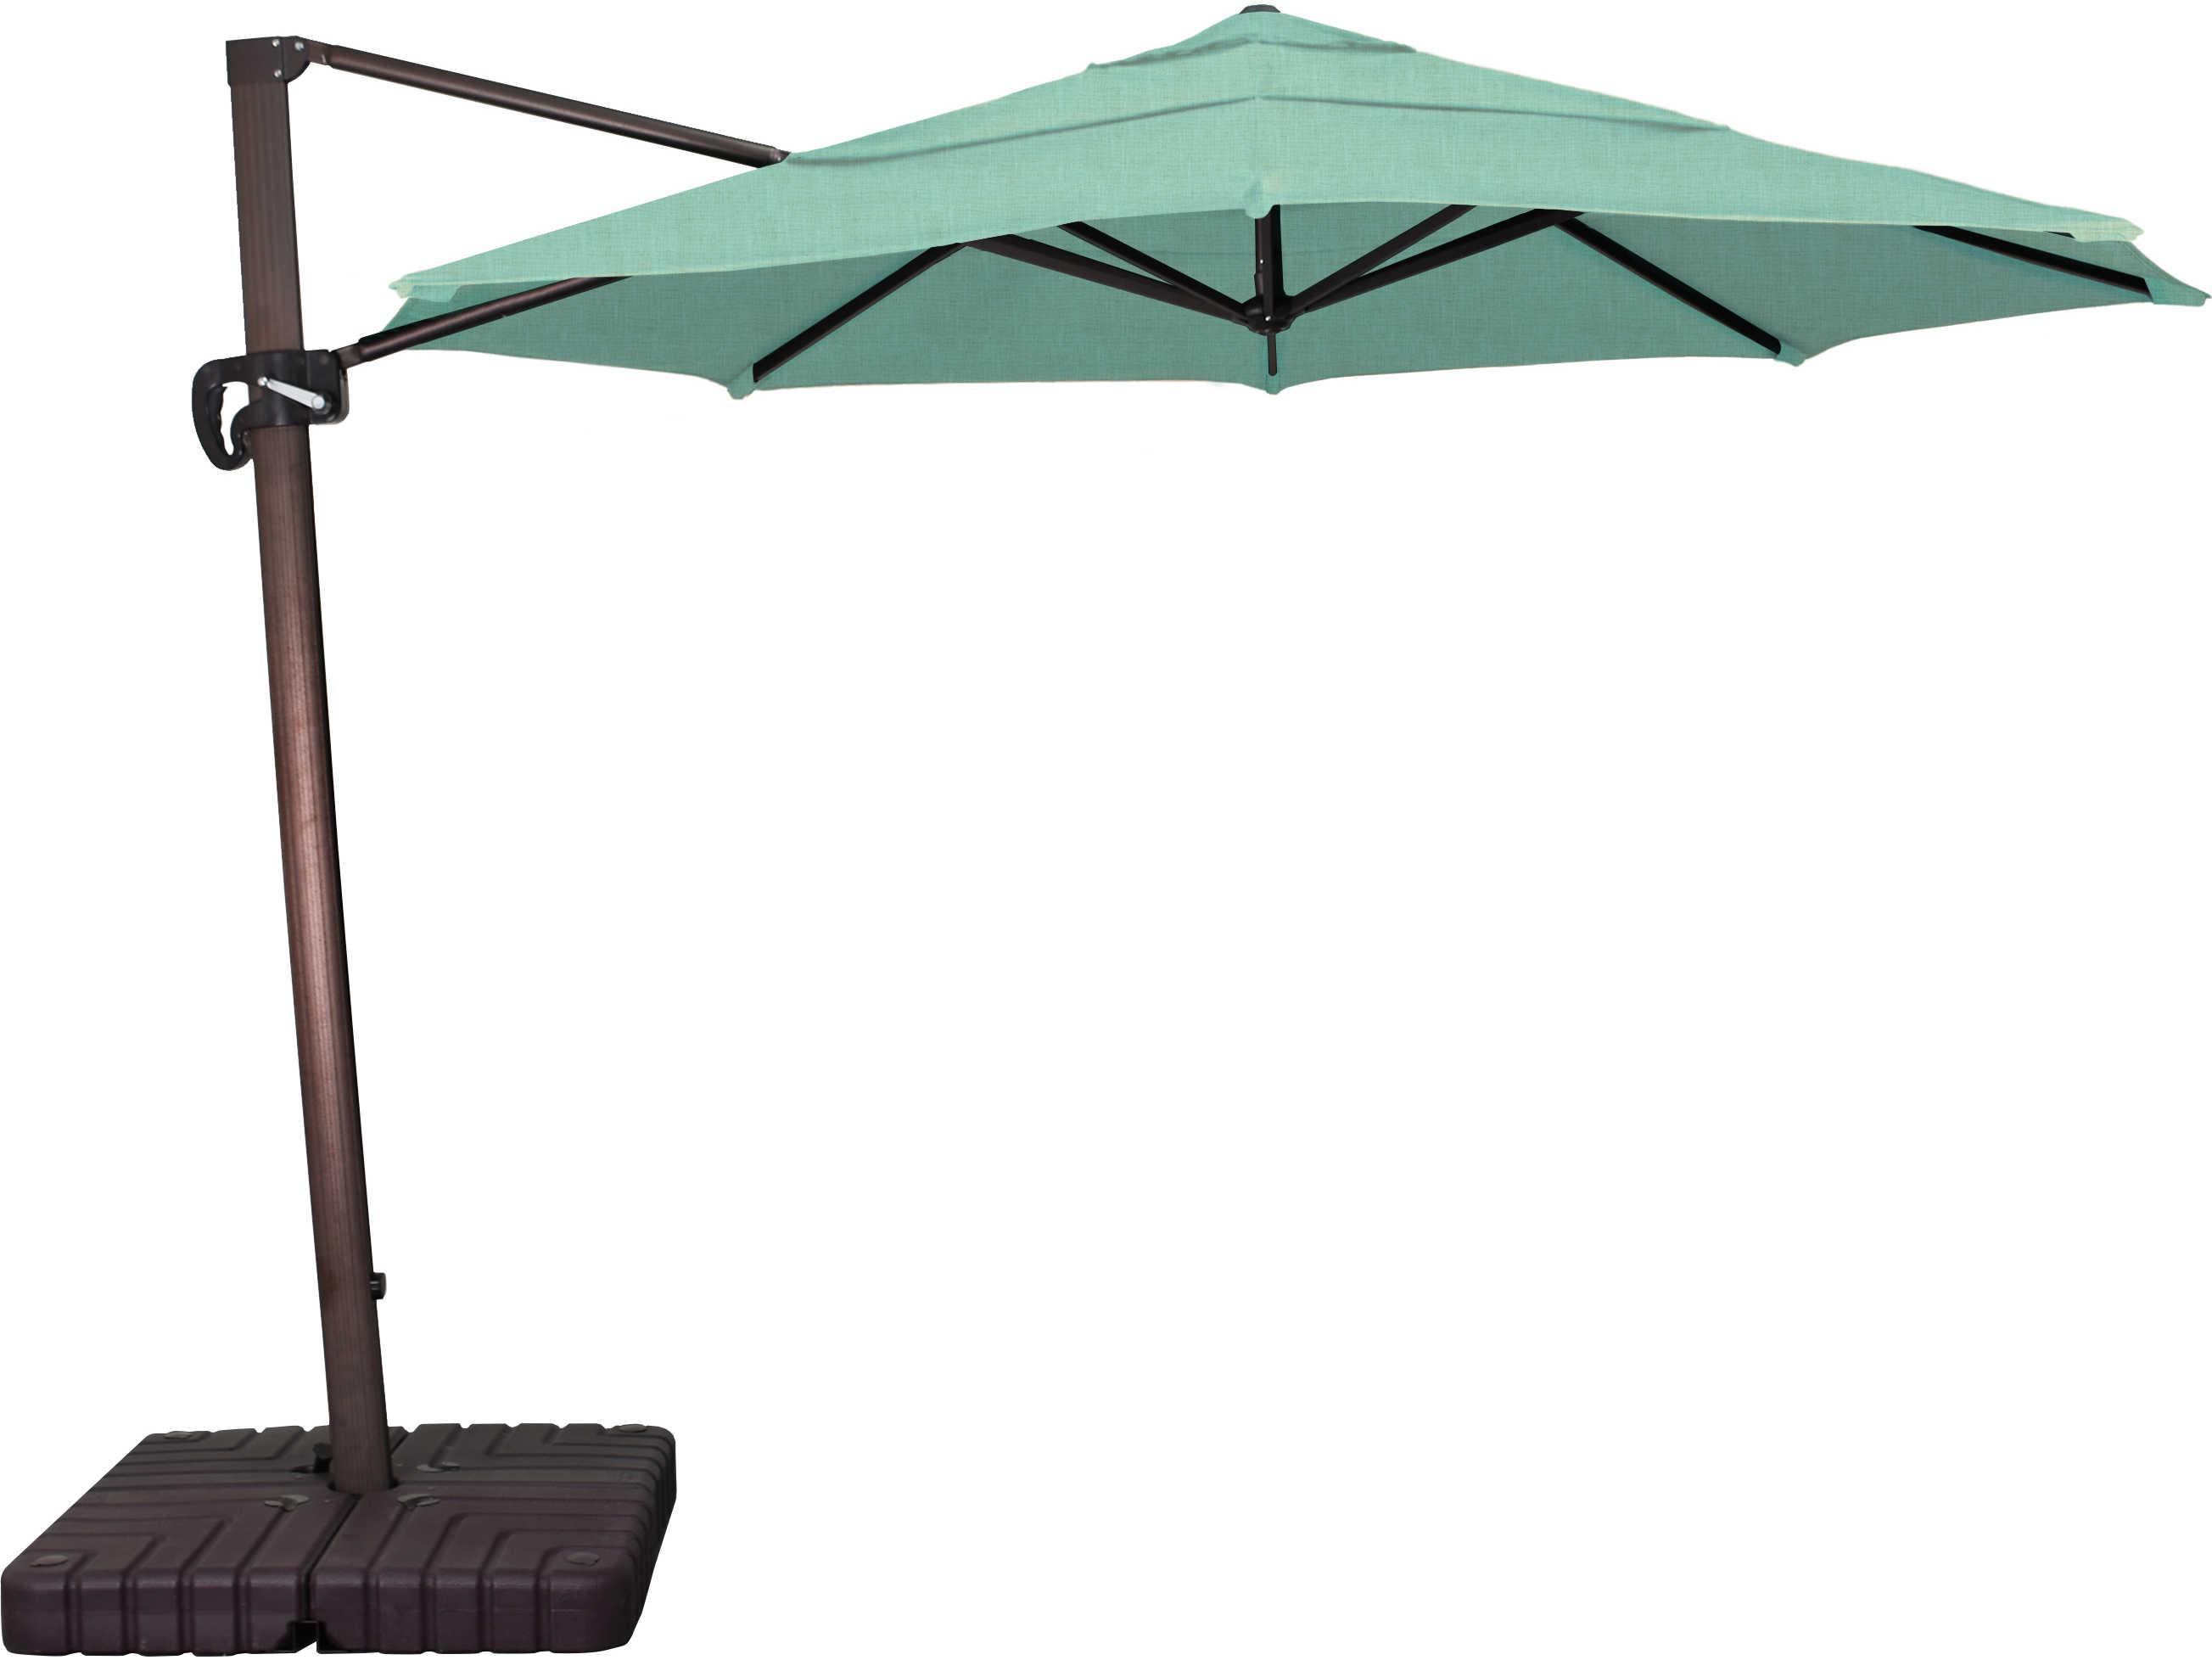 California Umbrella Cali Series 11 Foot Octagon Cantilever